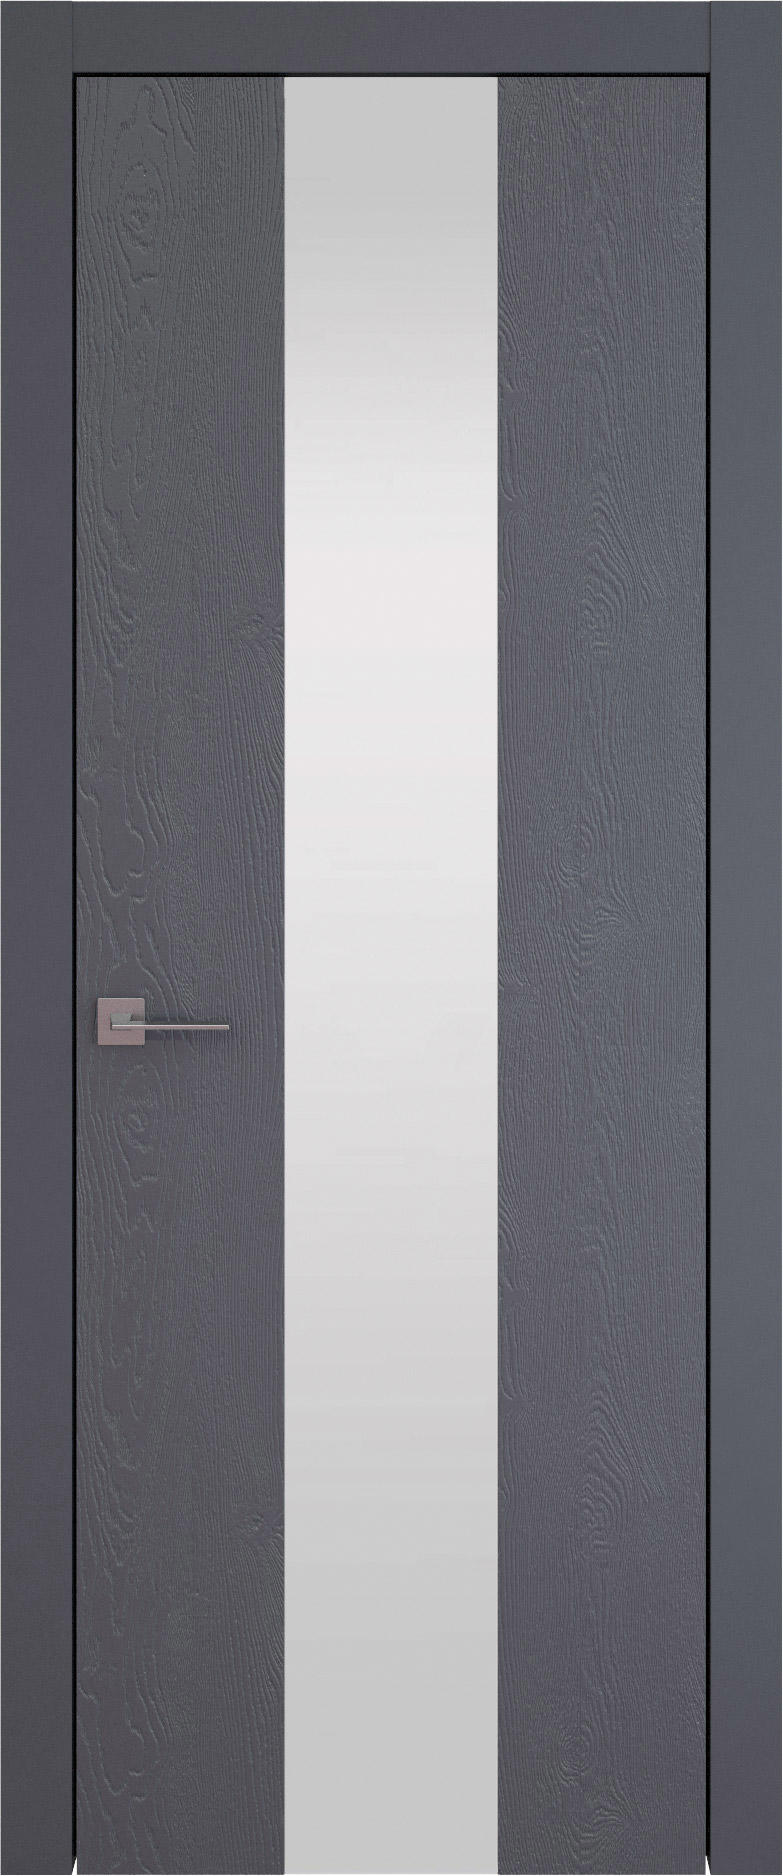 Tivoli Ж-1 цвет - Графитово-серая эмаль по шпону (RAL 7024) Со стеклом (ДО)